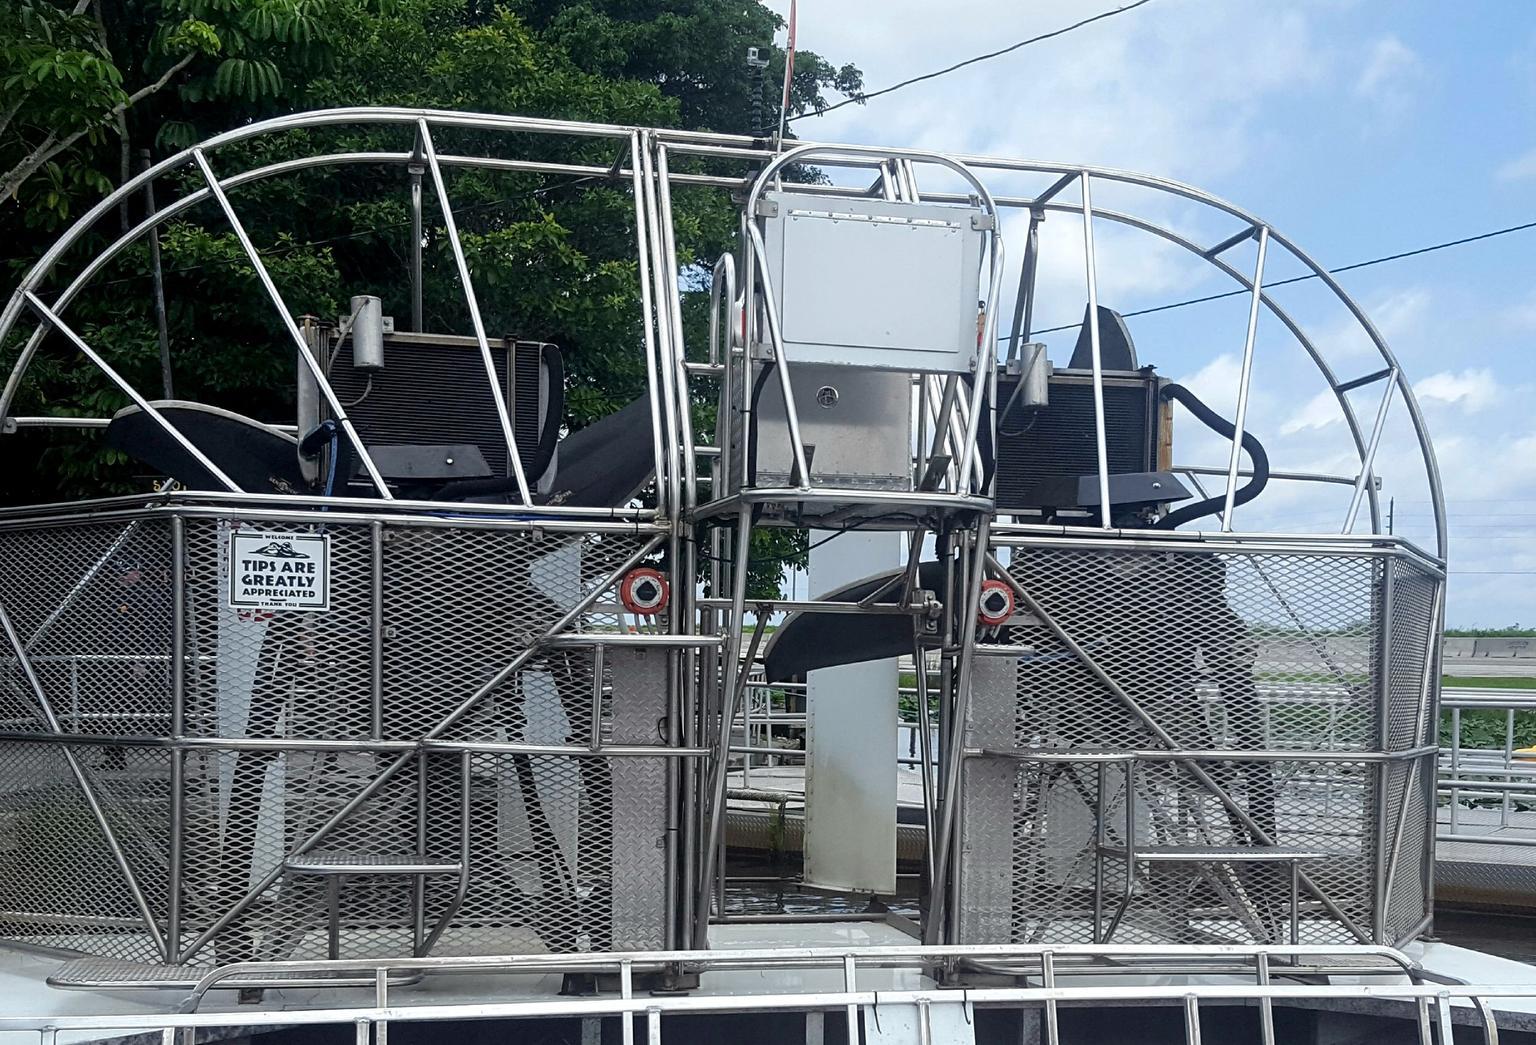 MAIS FOTOS, Miami Everglades Safari Park Airboat Adventure with Transport